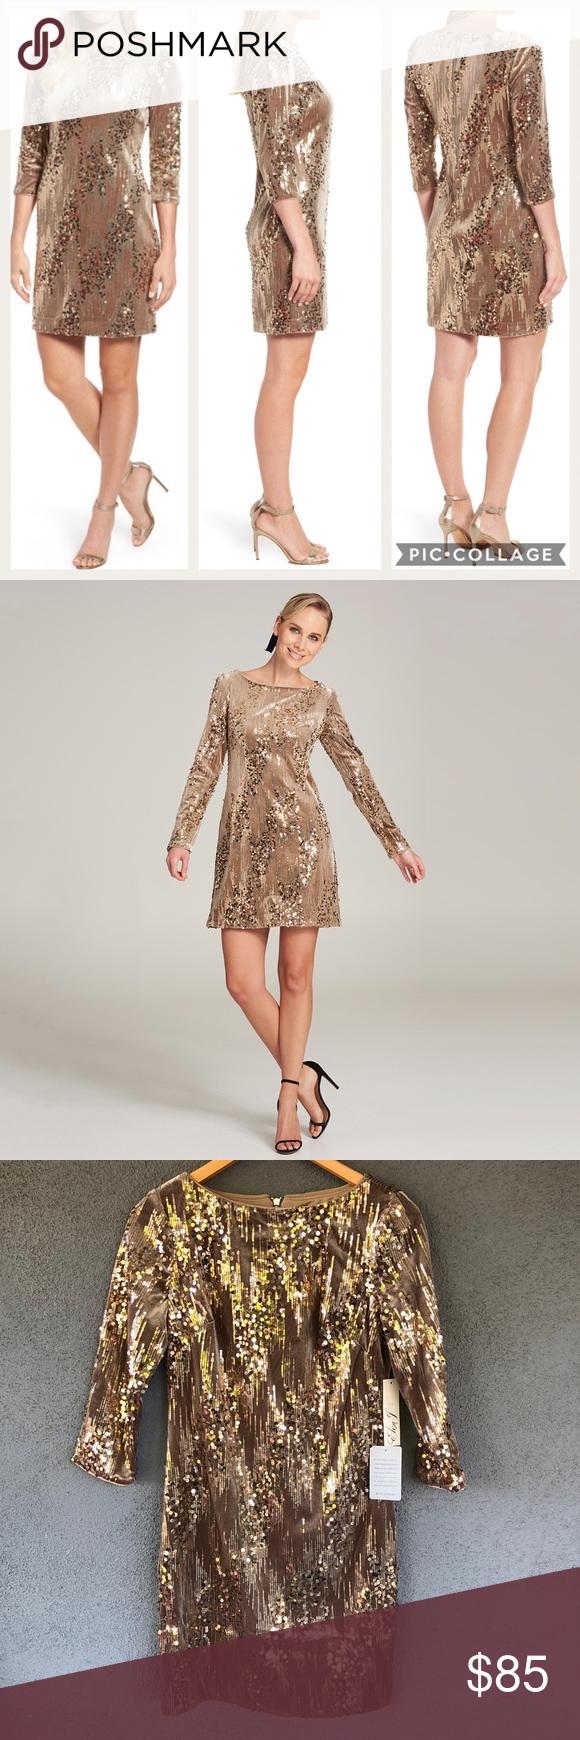 """e6ce2f83 Eliza J Sequin Embellished Velvet Sheath Dress Eliza J Embellished Sequin  Velvet Sheath Dress Party Holiday NYE Sz 6 NWT • size 6 • 17"""" underarm to  underarm ..."""